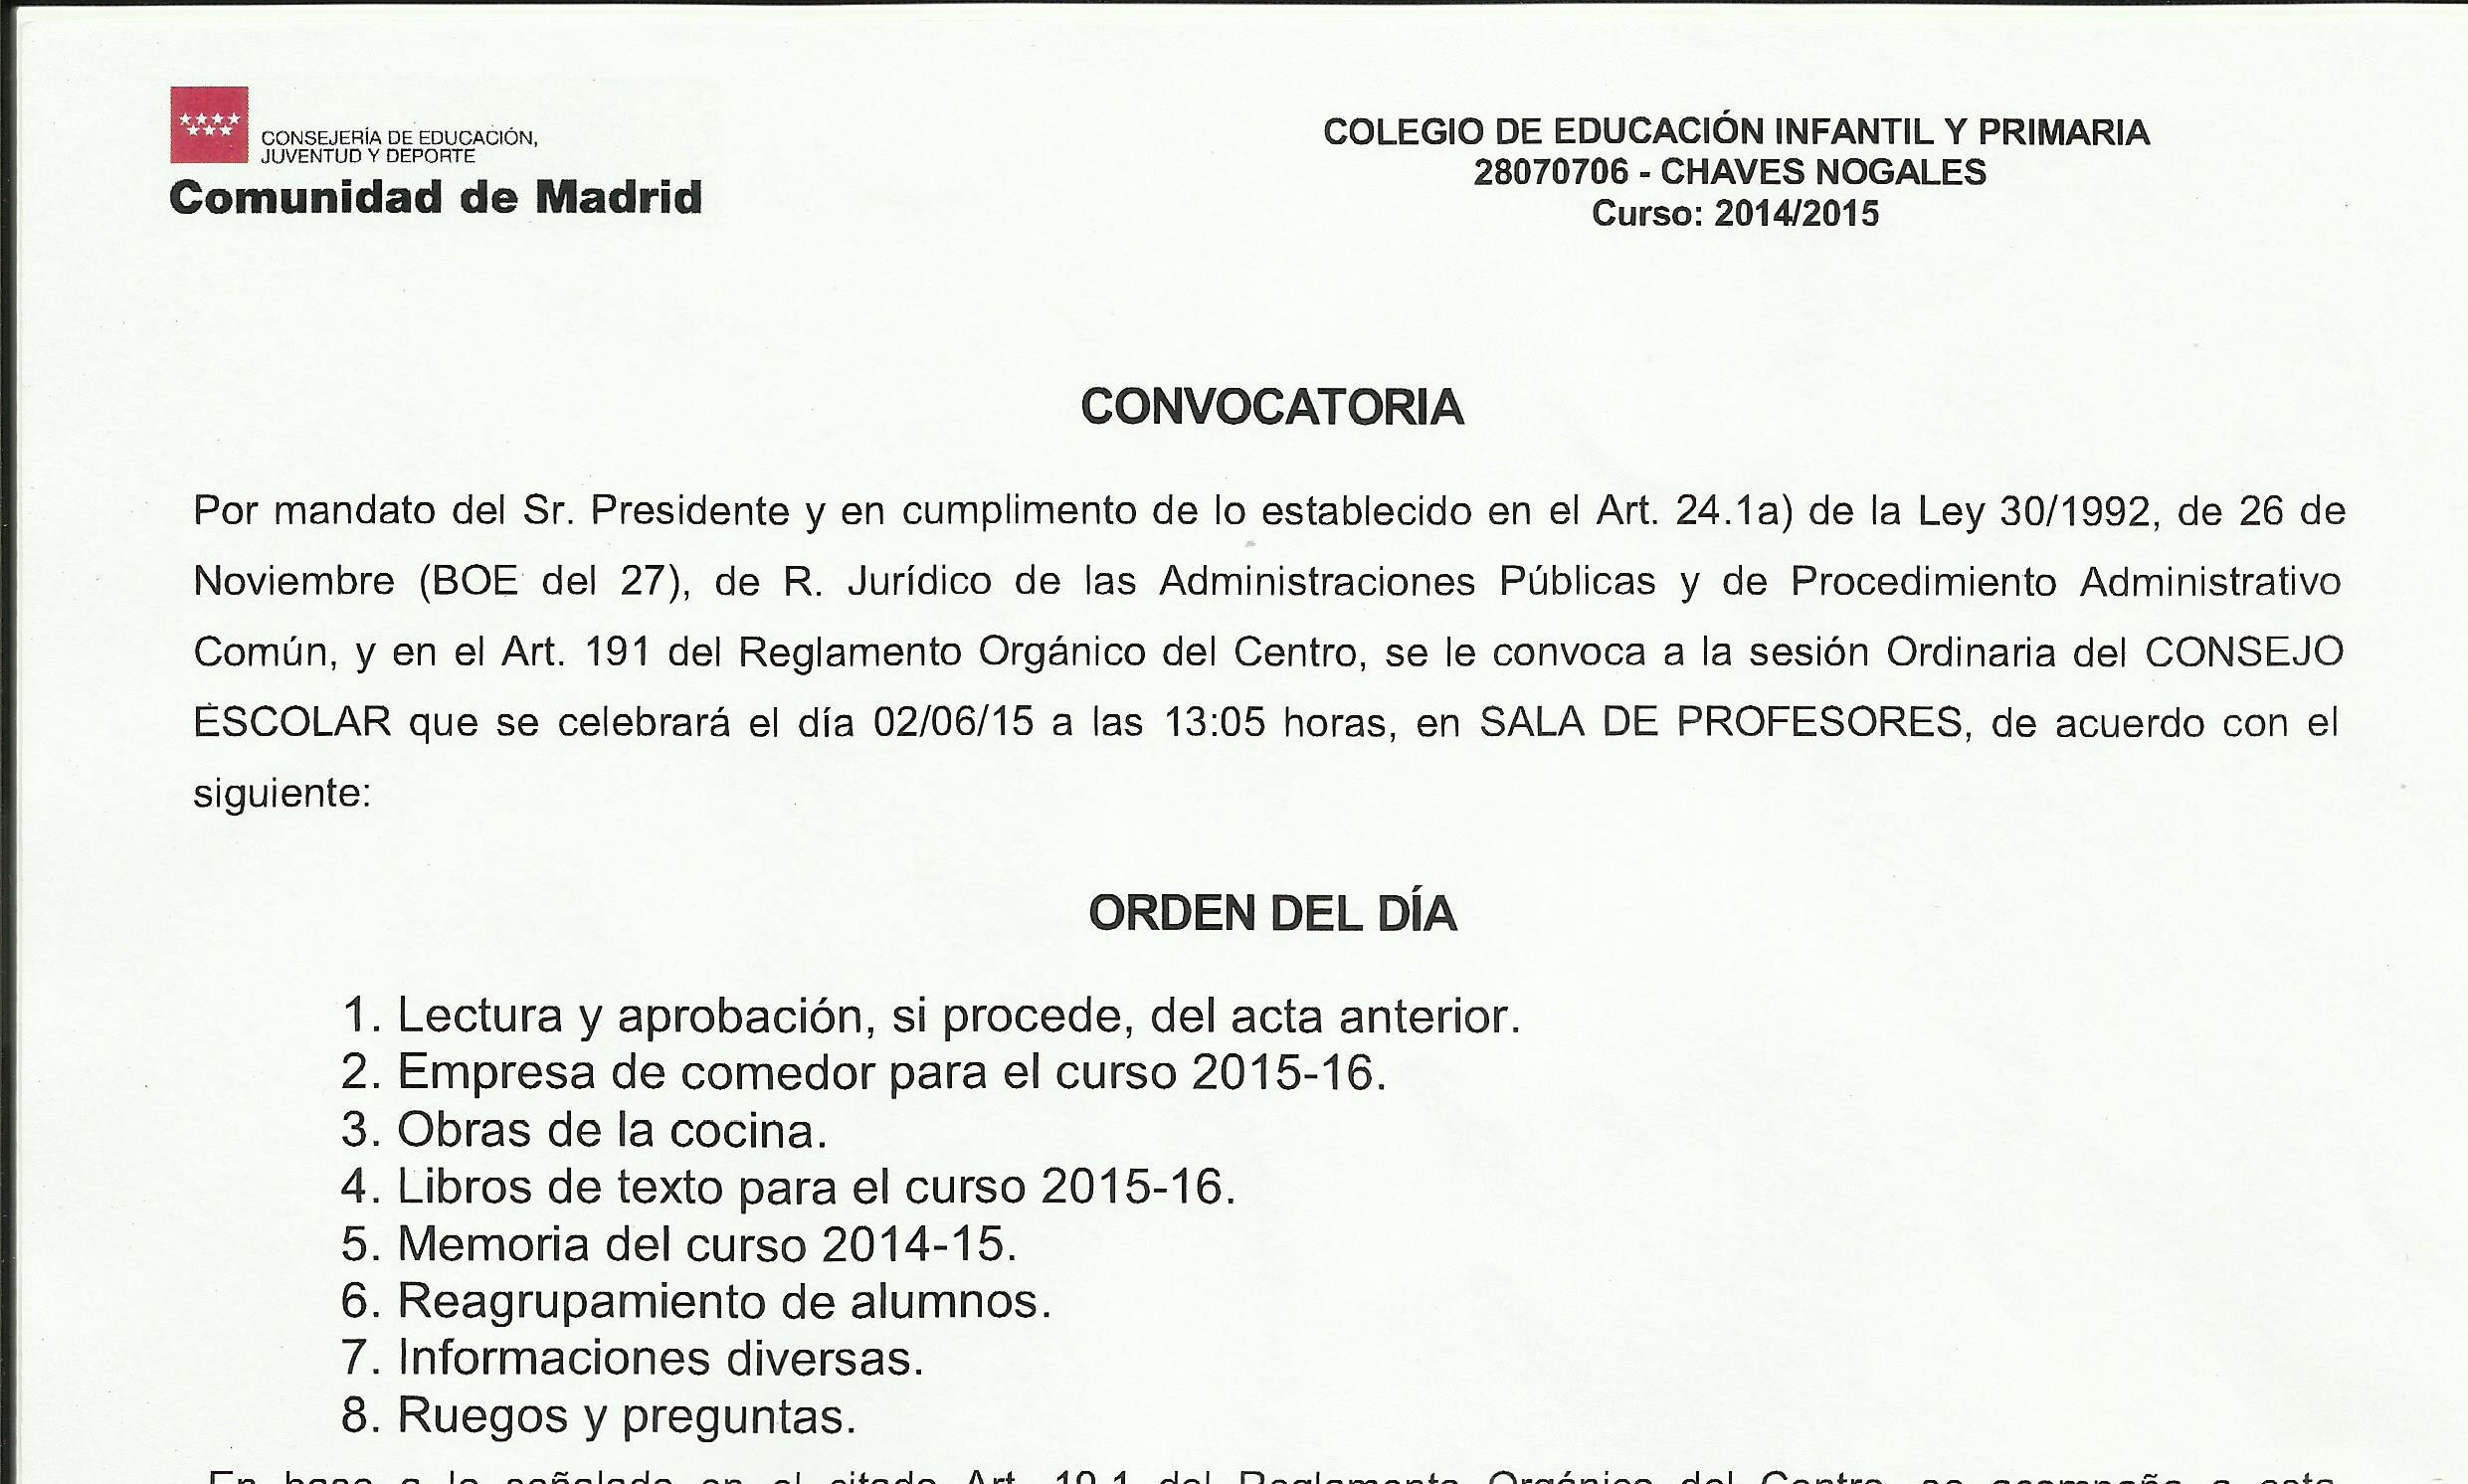 Convocatoria Consejo Escolar el 2 de junio de 2015 a las